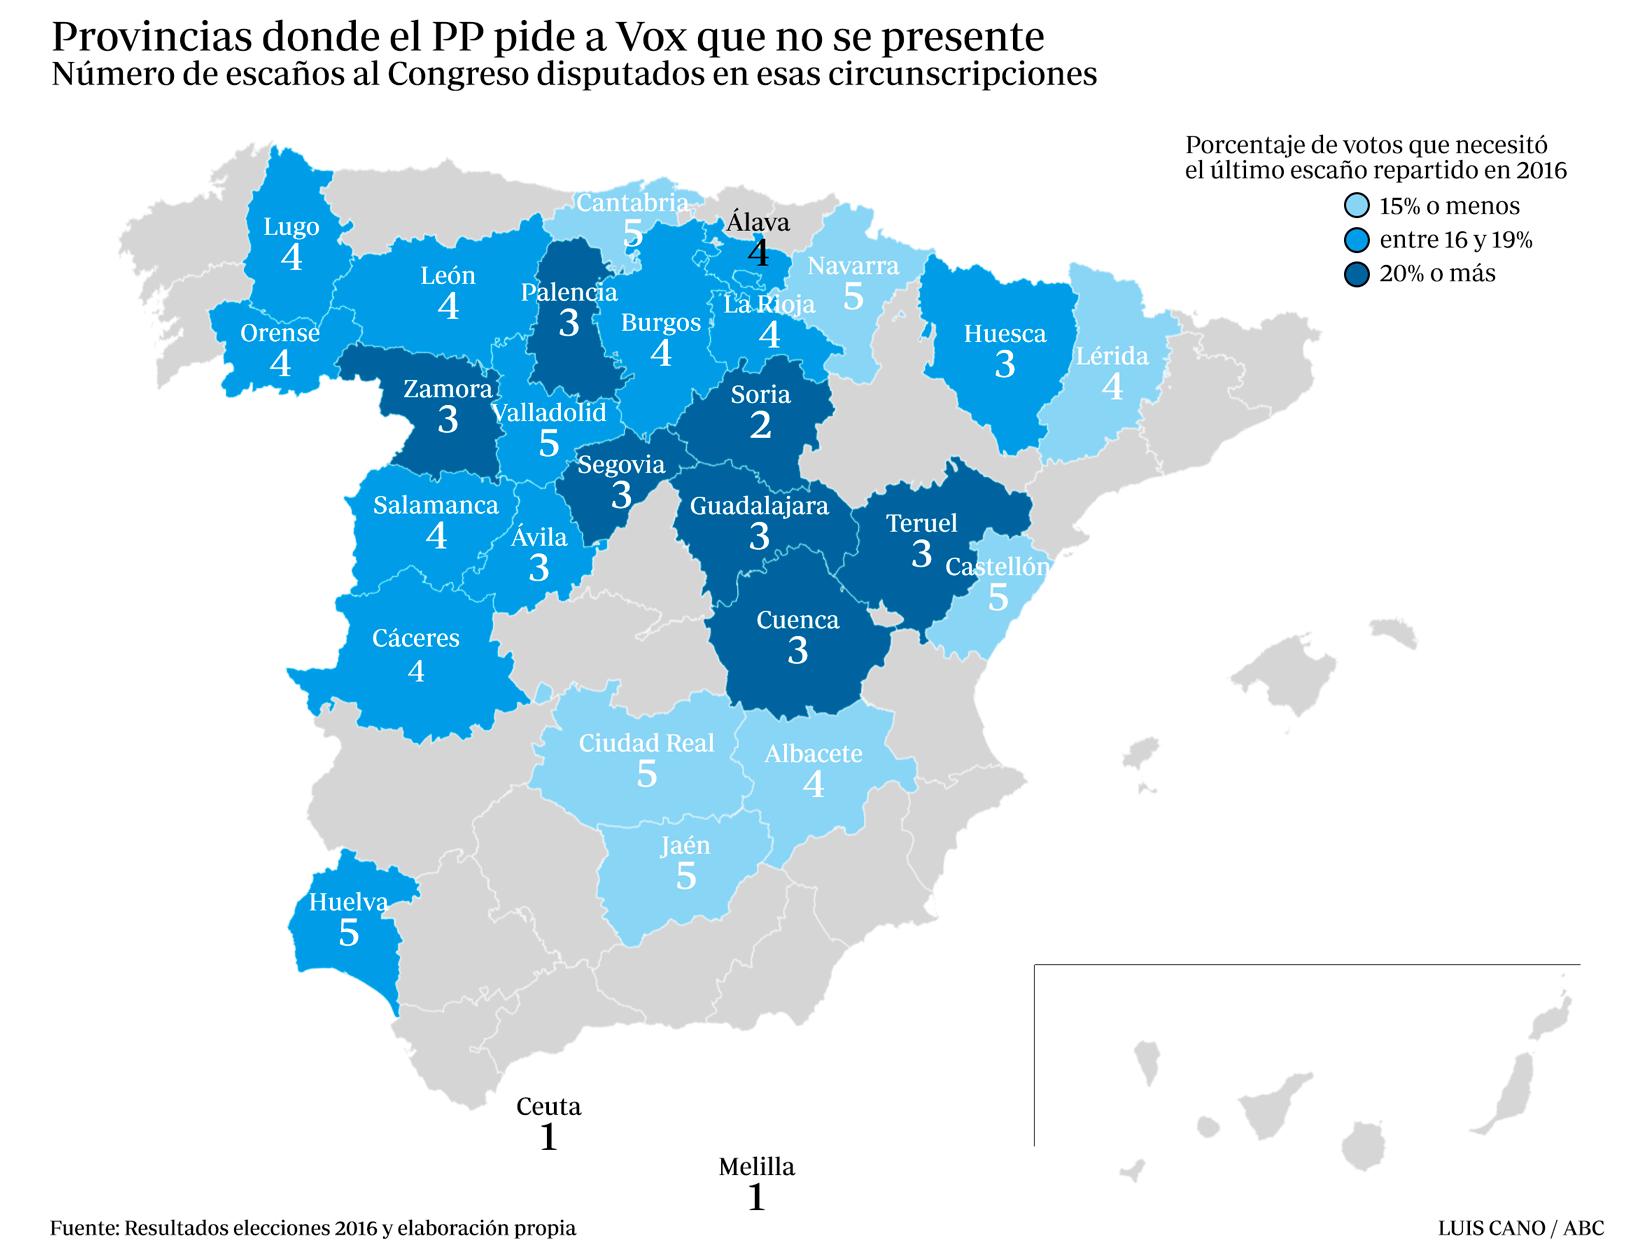 Provincias con menos escaños a repartir en las elecciones generales